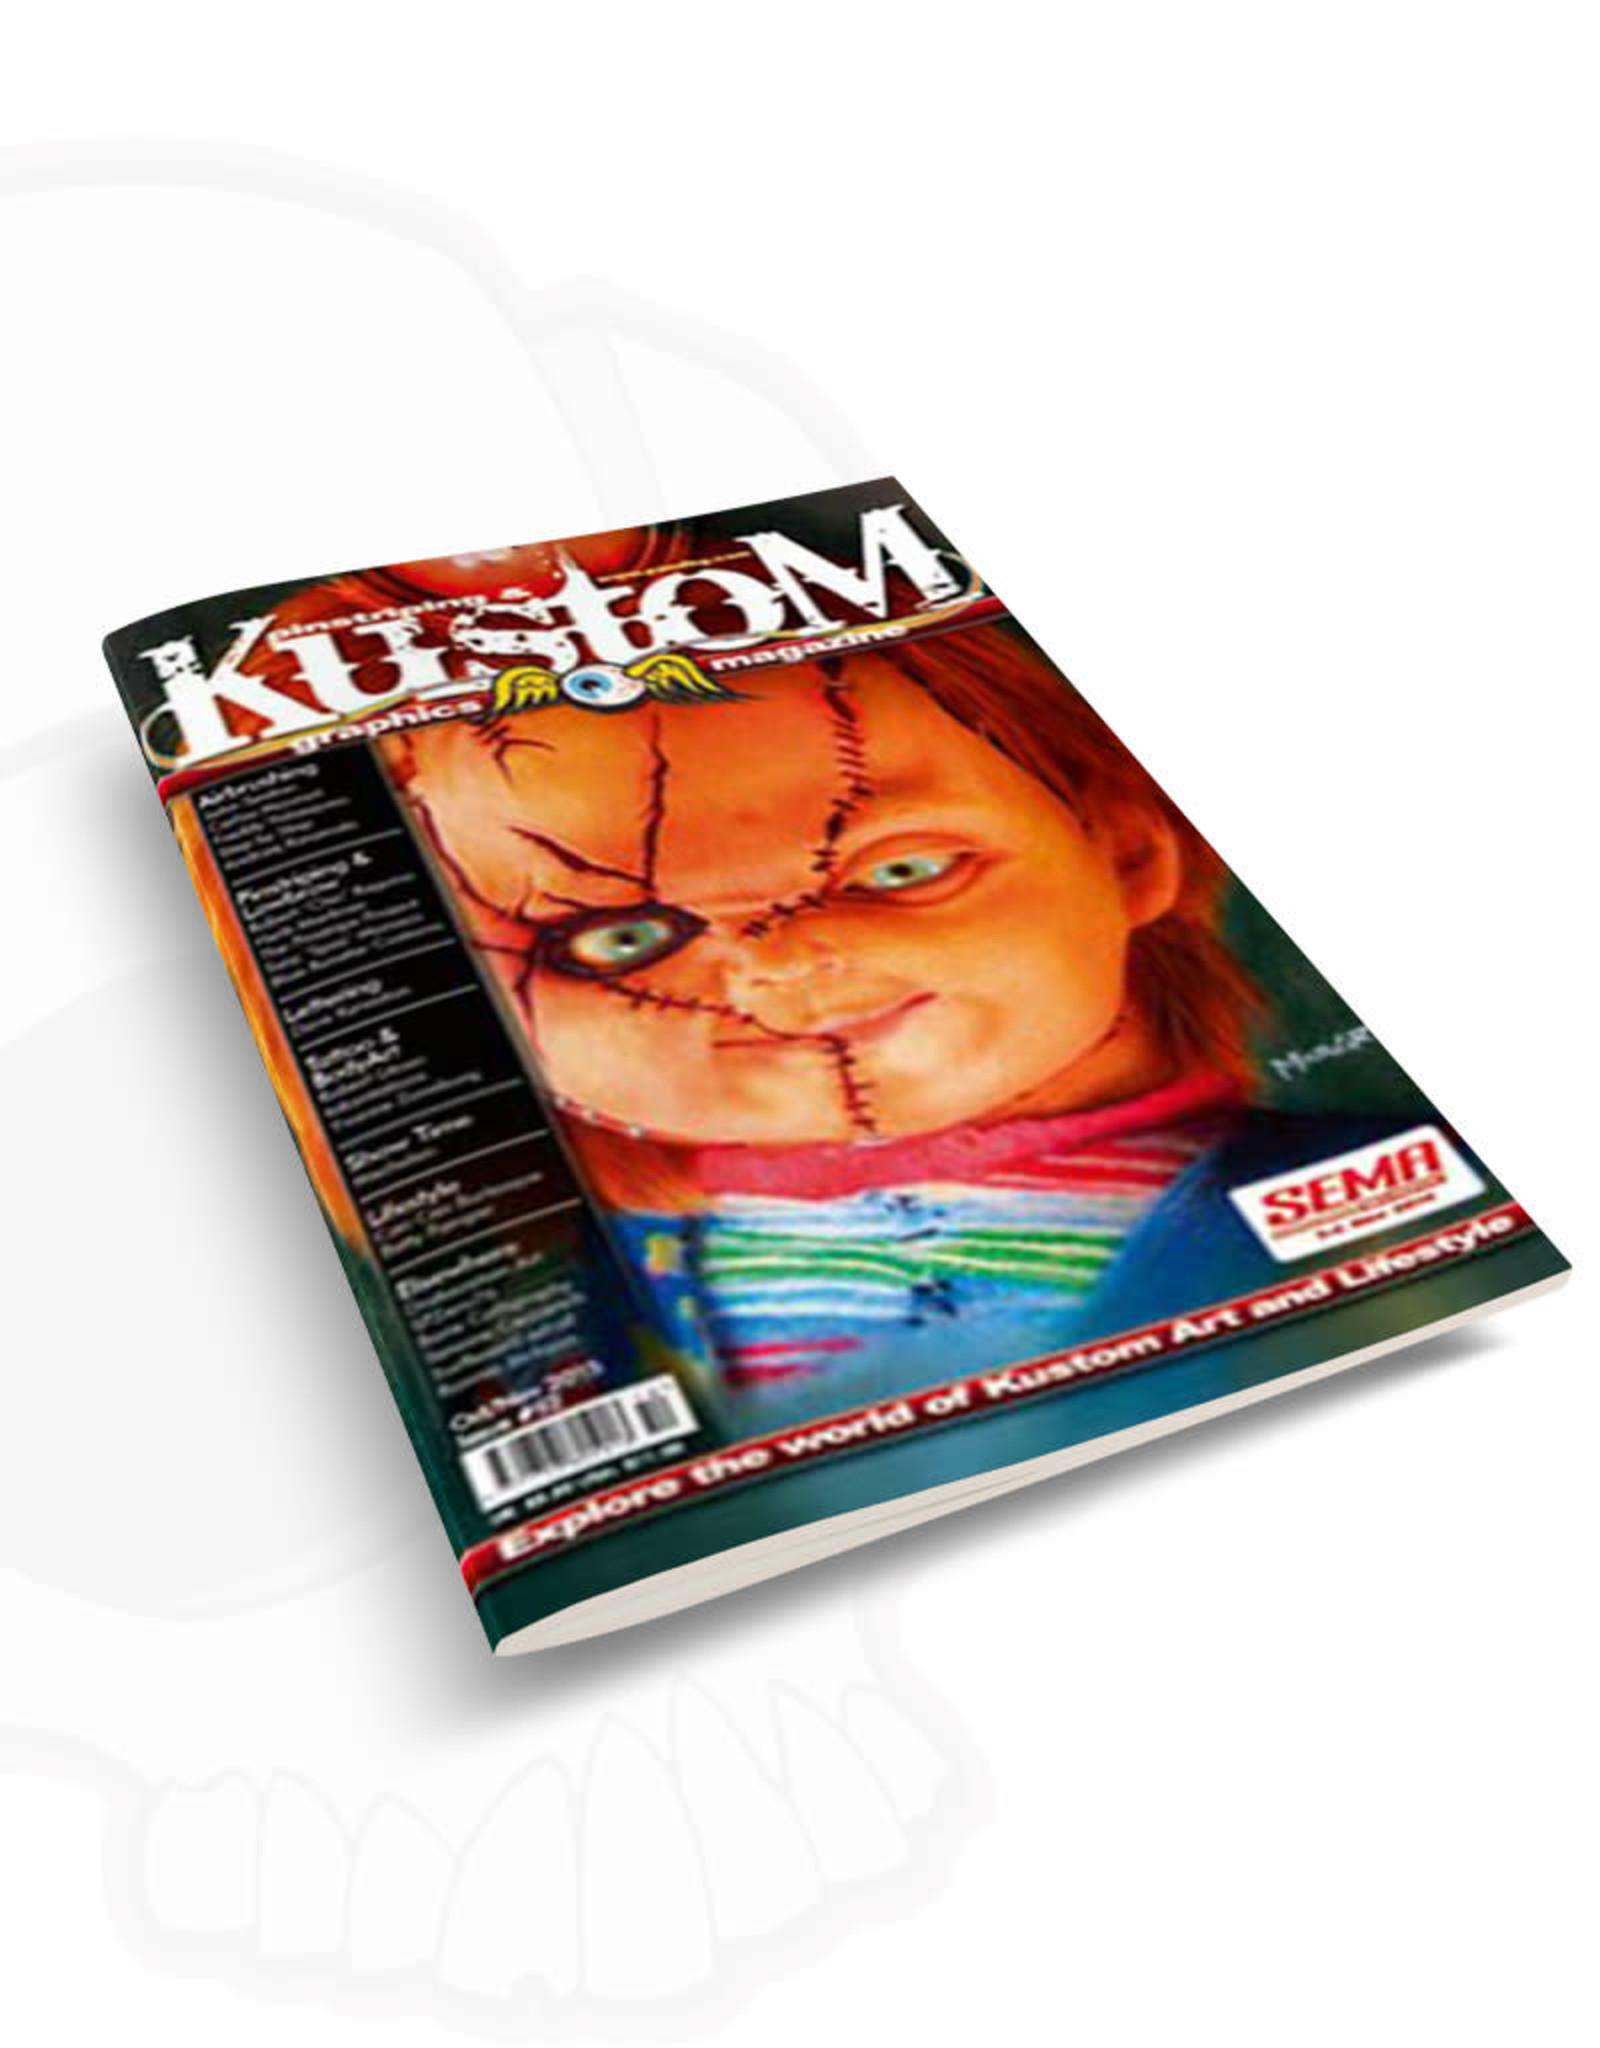 Pinstriping & Kustom Graphics magazine Pinstriping & Kustom graphics magazine #52